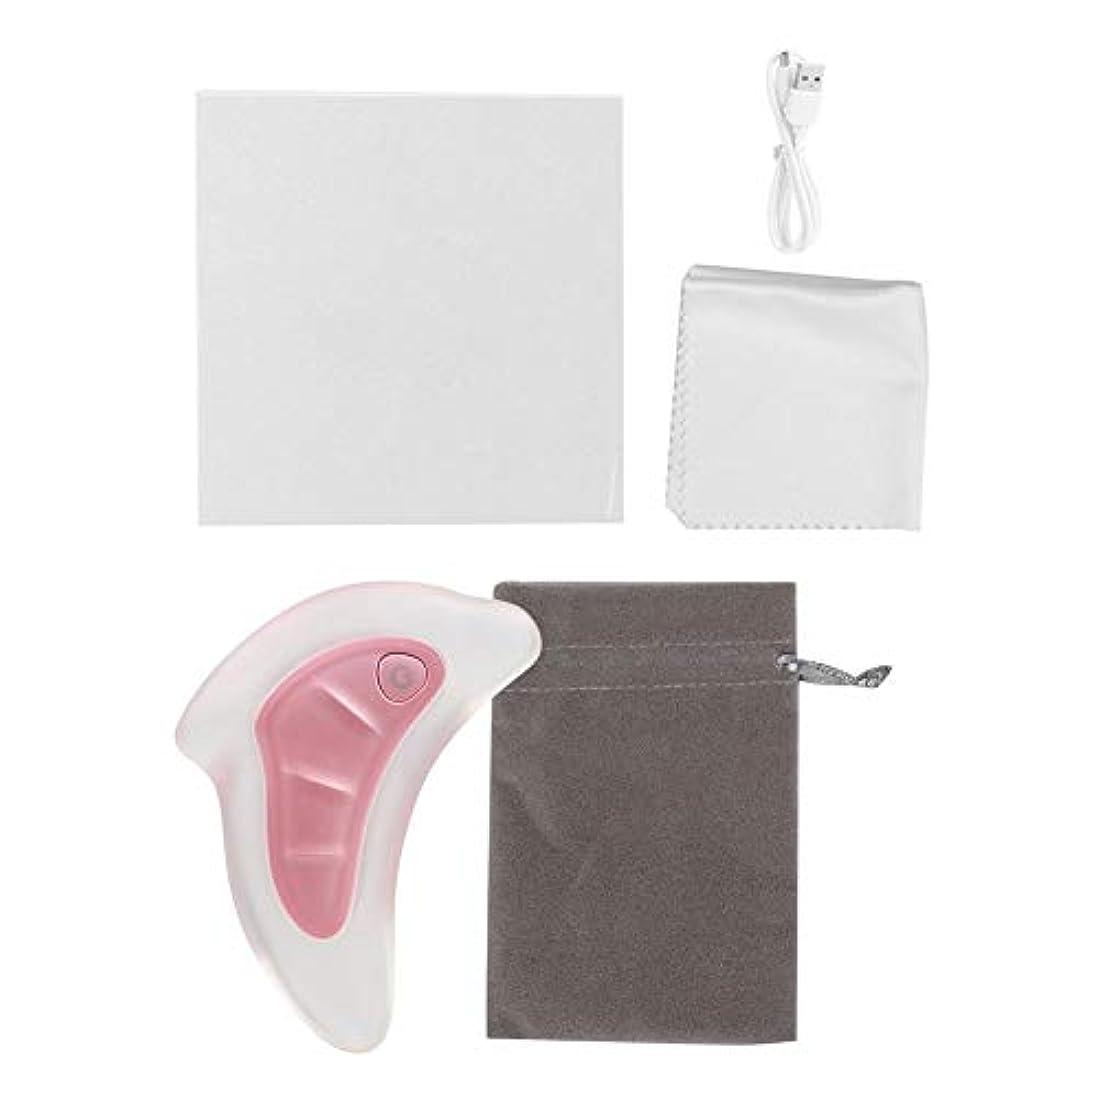 毎年厚さ受け入れる2色スクレーピングマッサージャー - フェイスリフティングスクレーパー、グアシャツール - アンチエイジング、アンチリンクルマッサージ&フェイシャルグアシャ、カラフルなライトを廃棄するための楽器(ピンク)